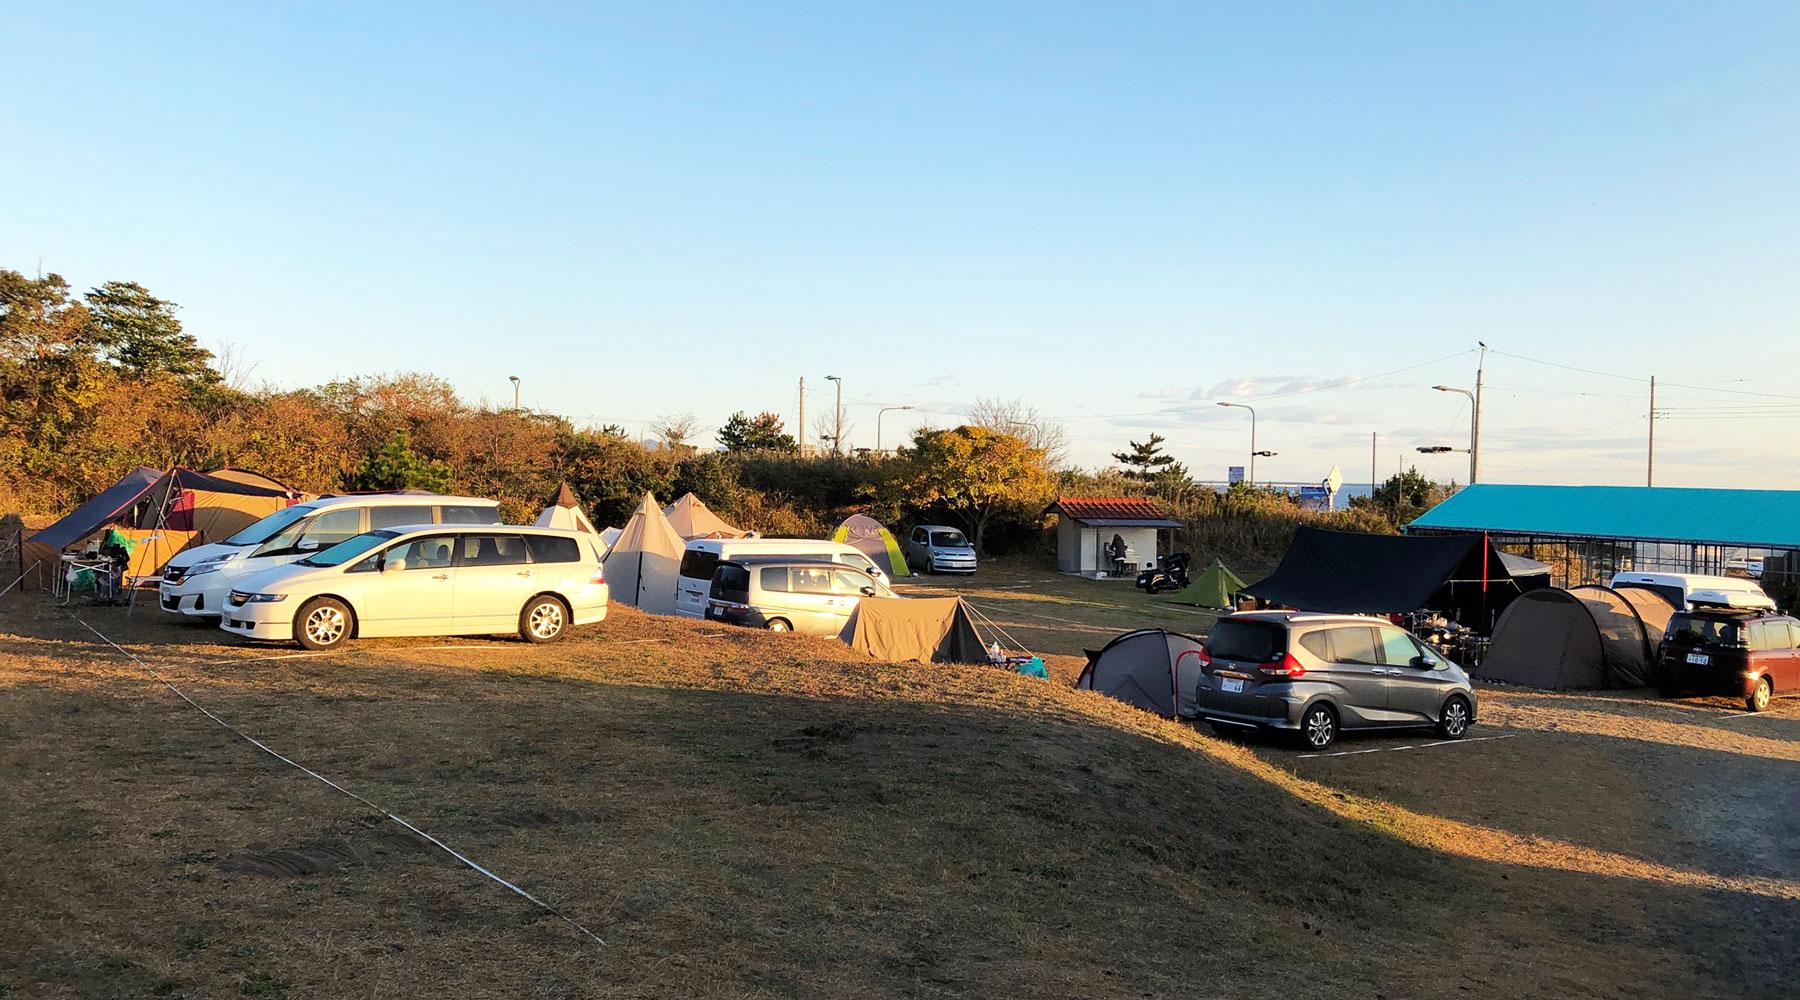 阿字ヶ浦・田の上キャンプ場段丘下のサイト1~11